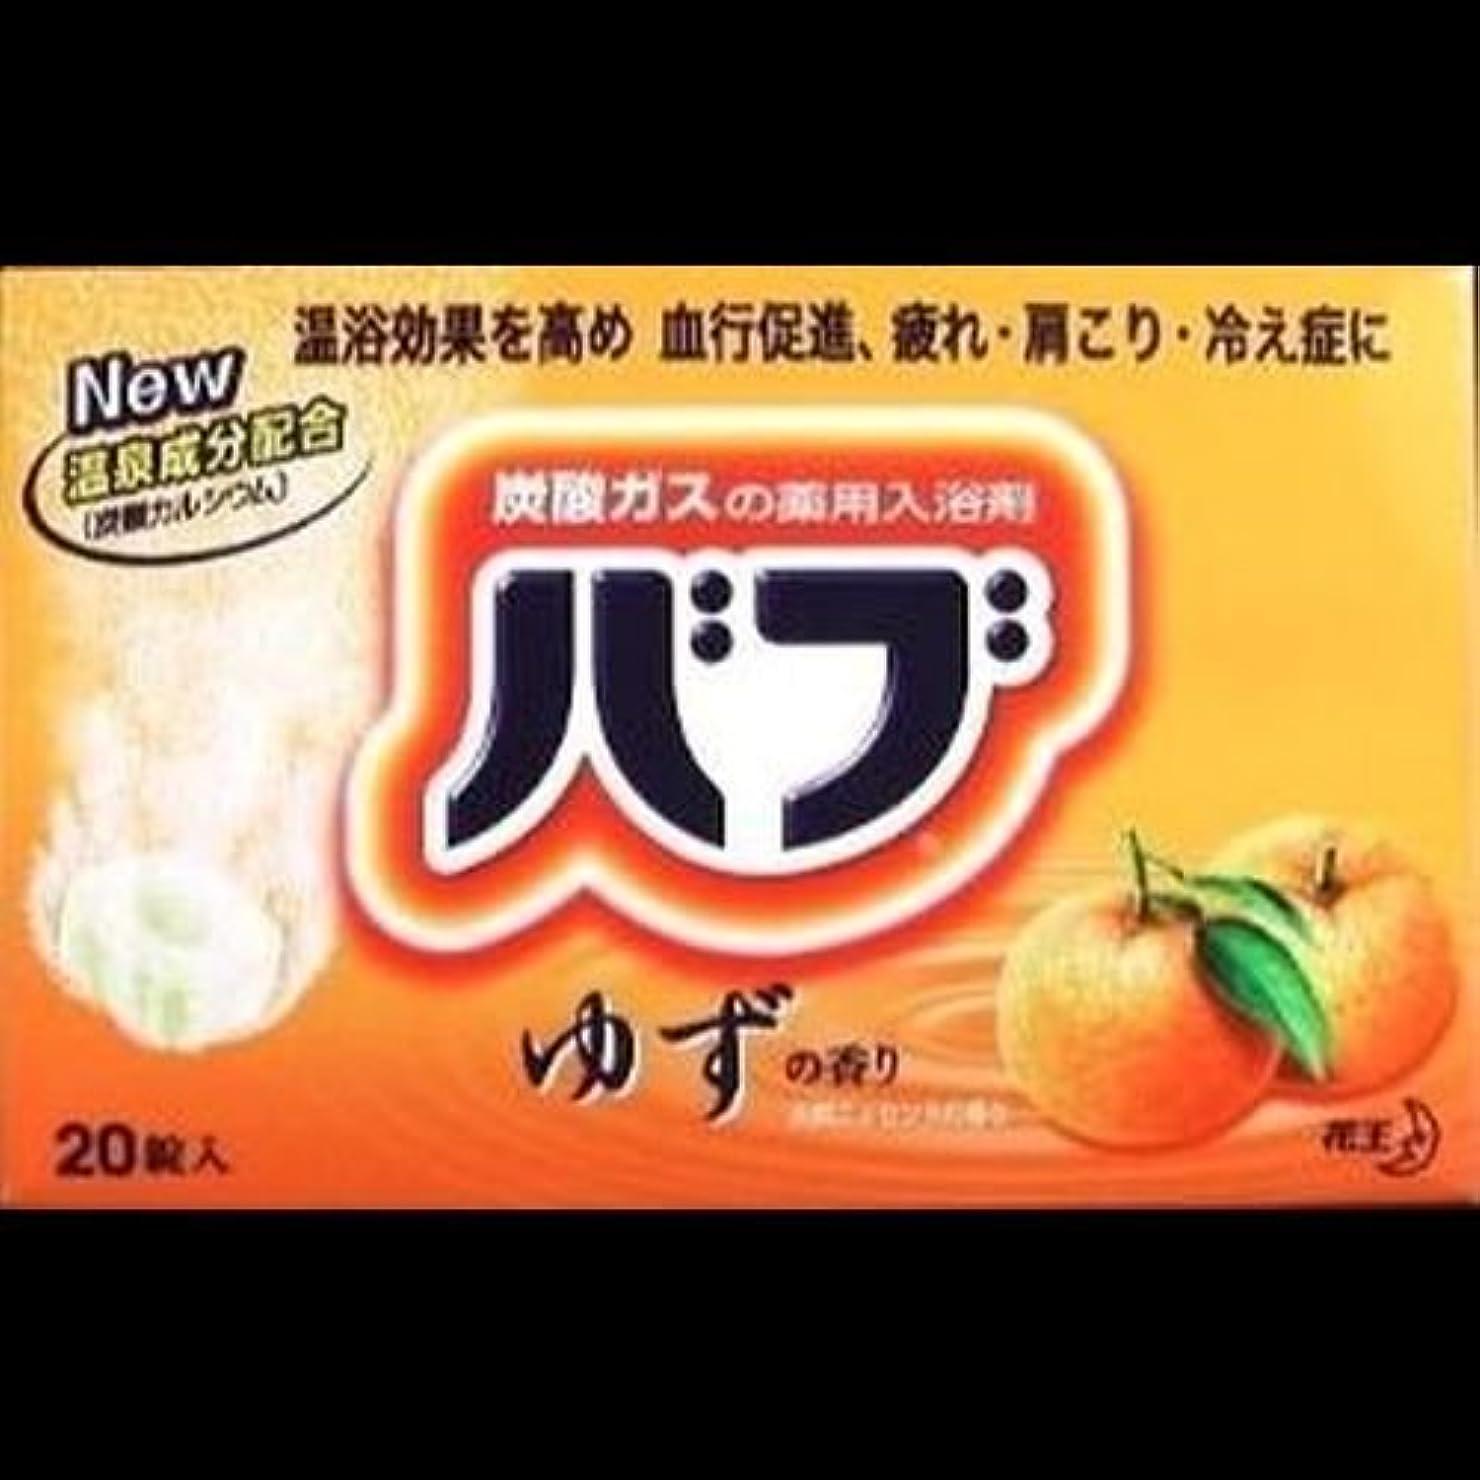 【まとめ買い】バブ ゆずの香り 20錠入 ×2セット